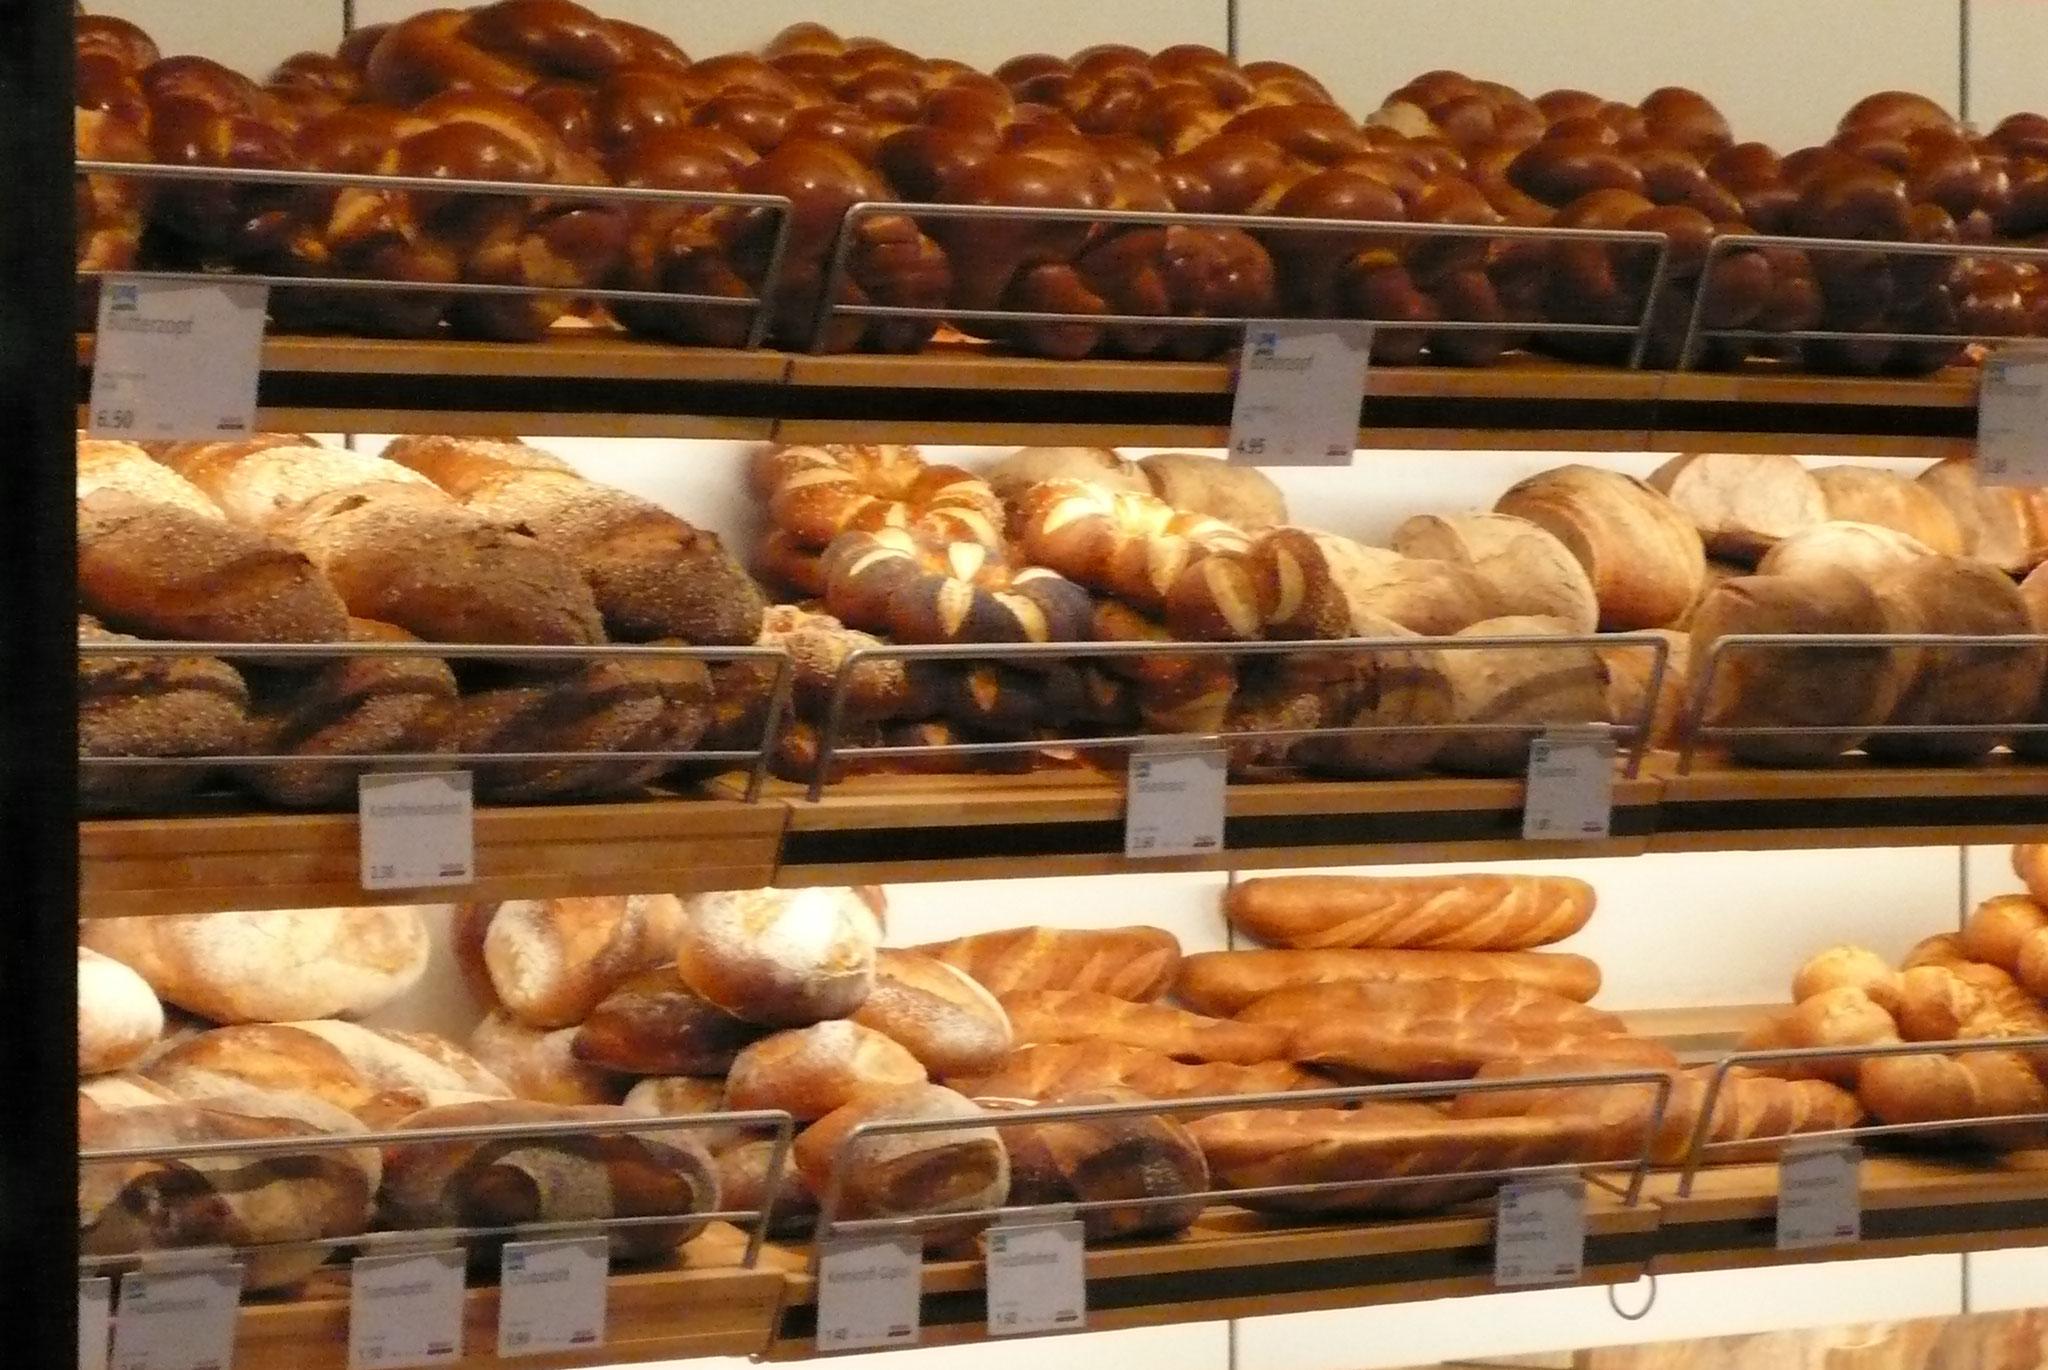 スーパーに入っているベーカリーでもパンの種類の多さ